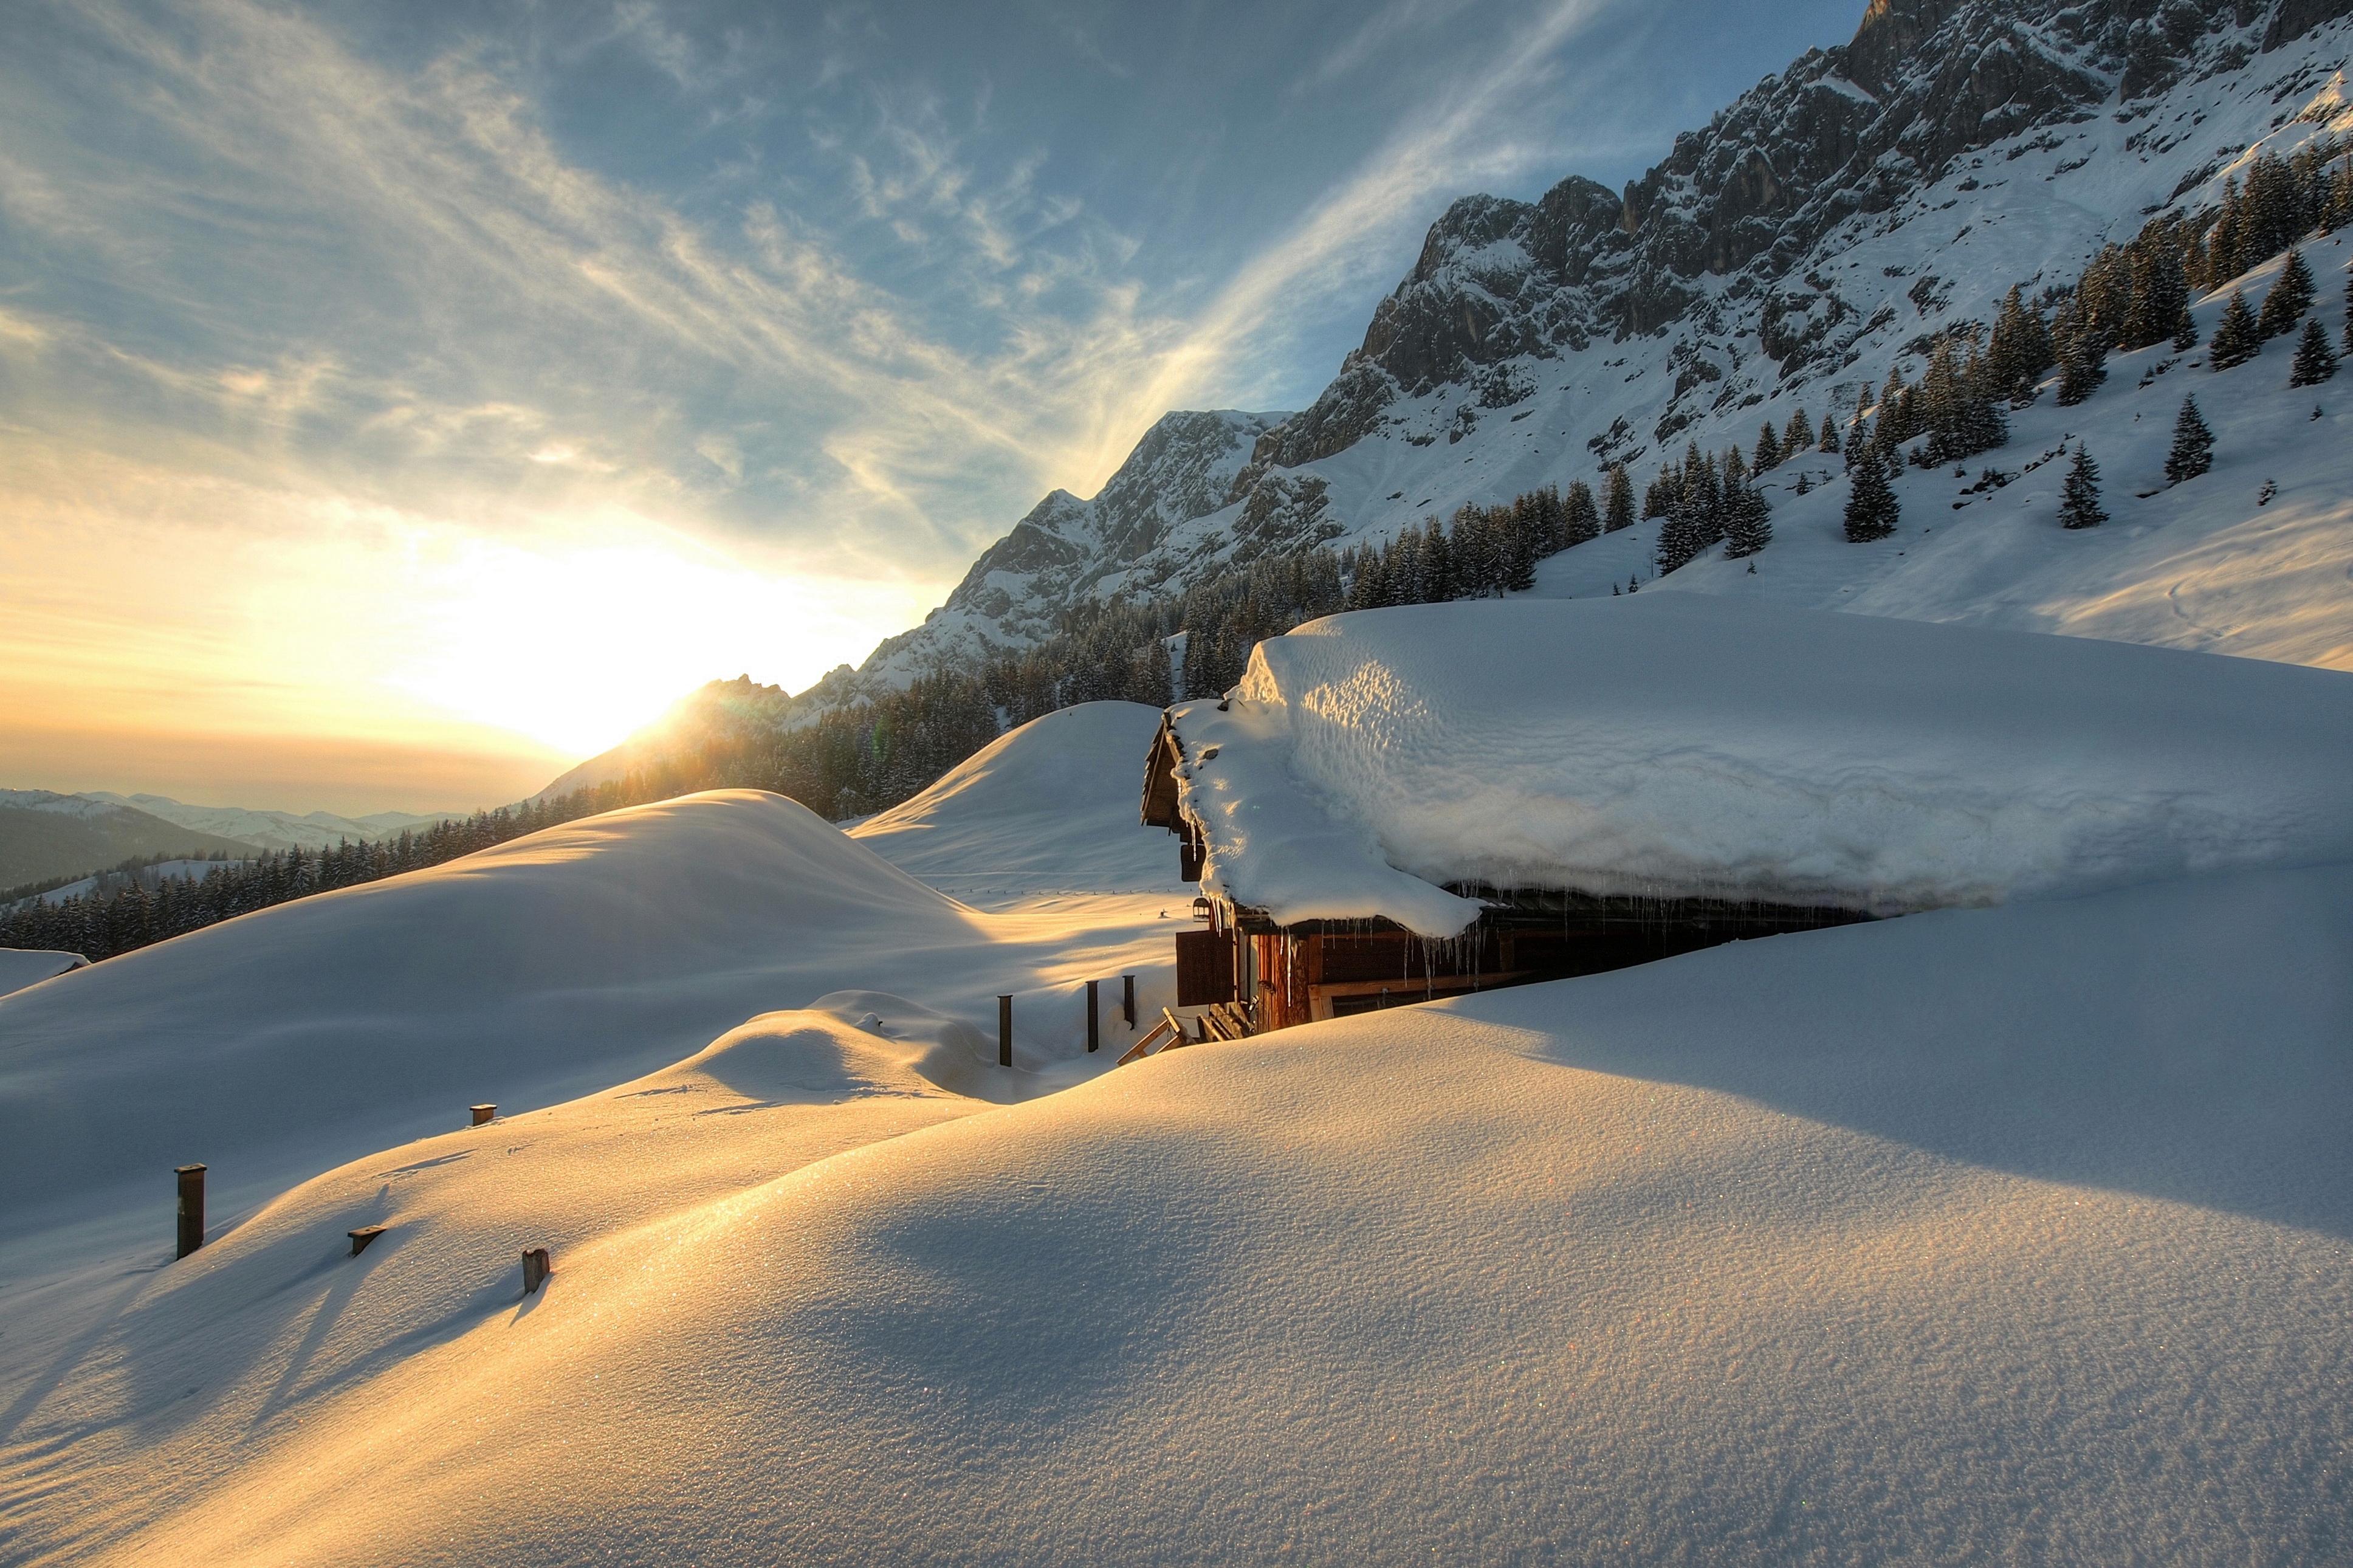 Снег на горных склонах  № 2944905 загрузить